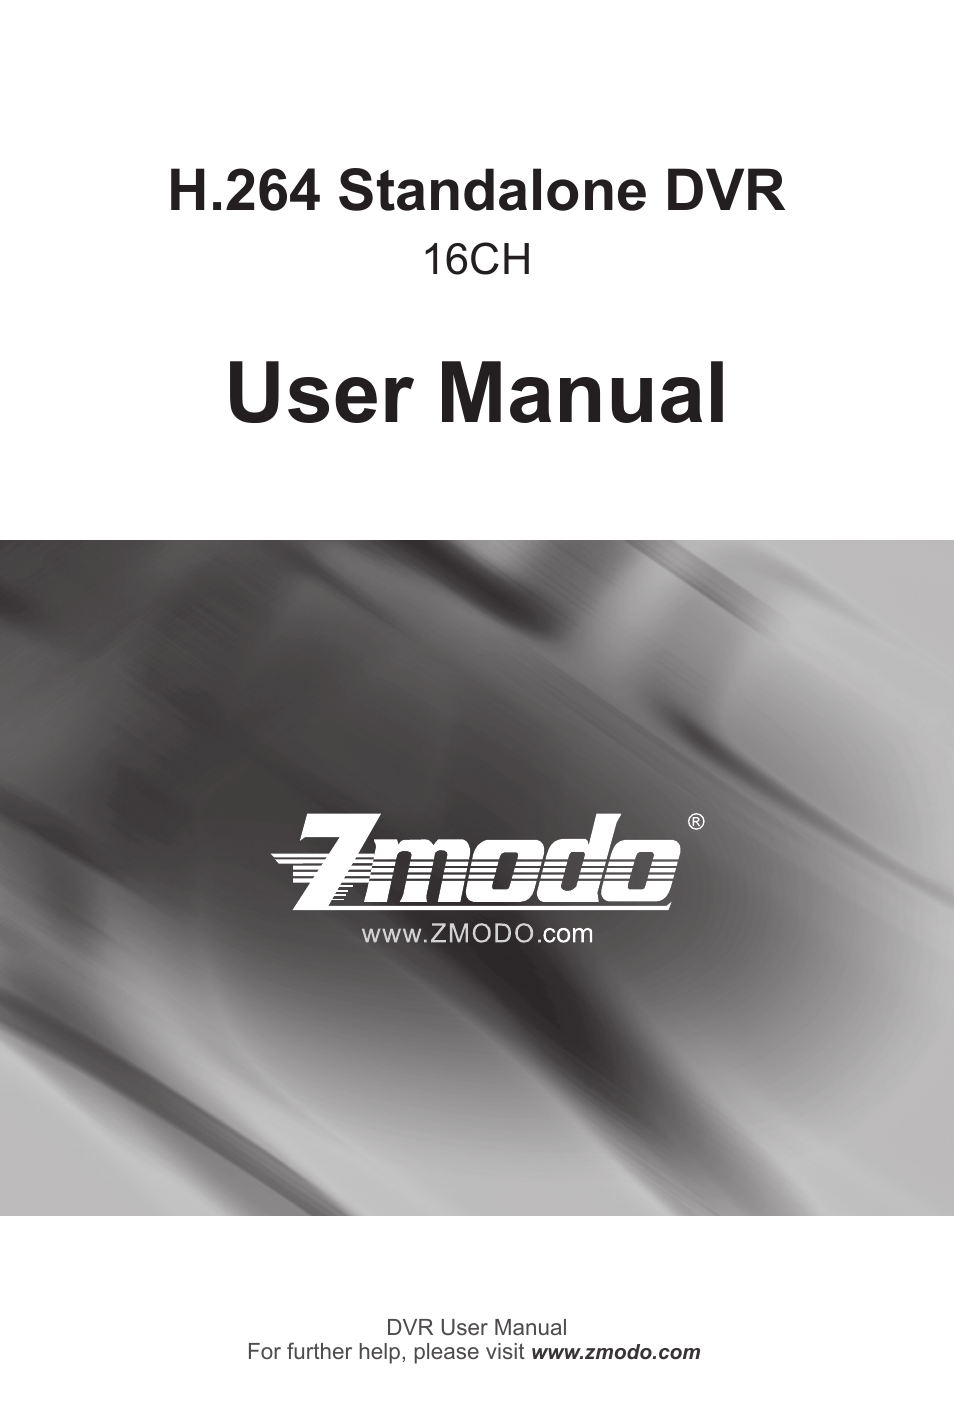 Zmodo Zmd Dc Sbn6 16 Channel Standalone Dvr User Manual